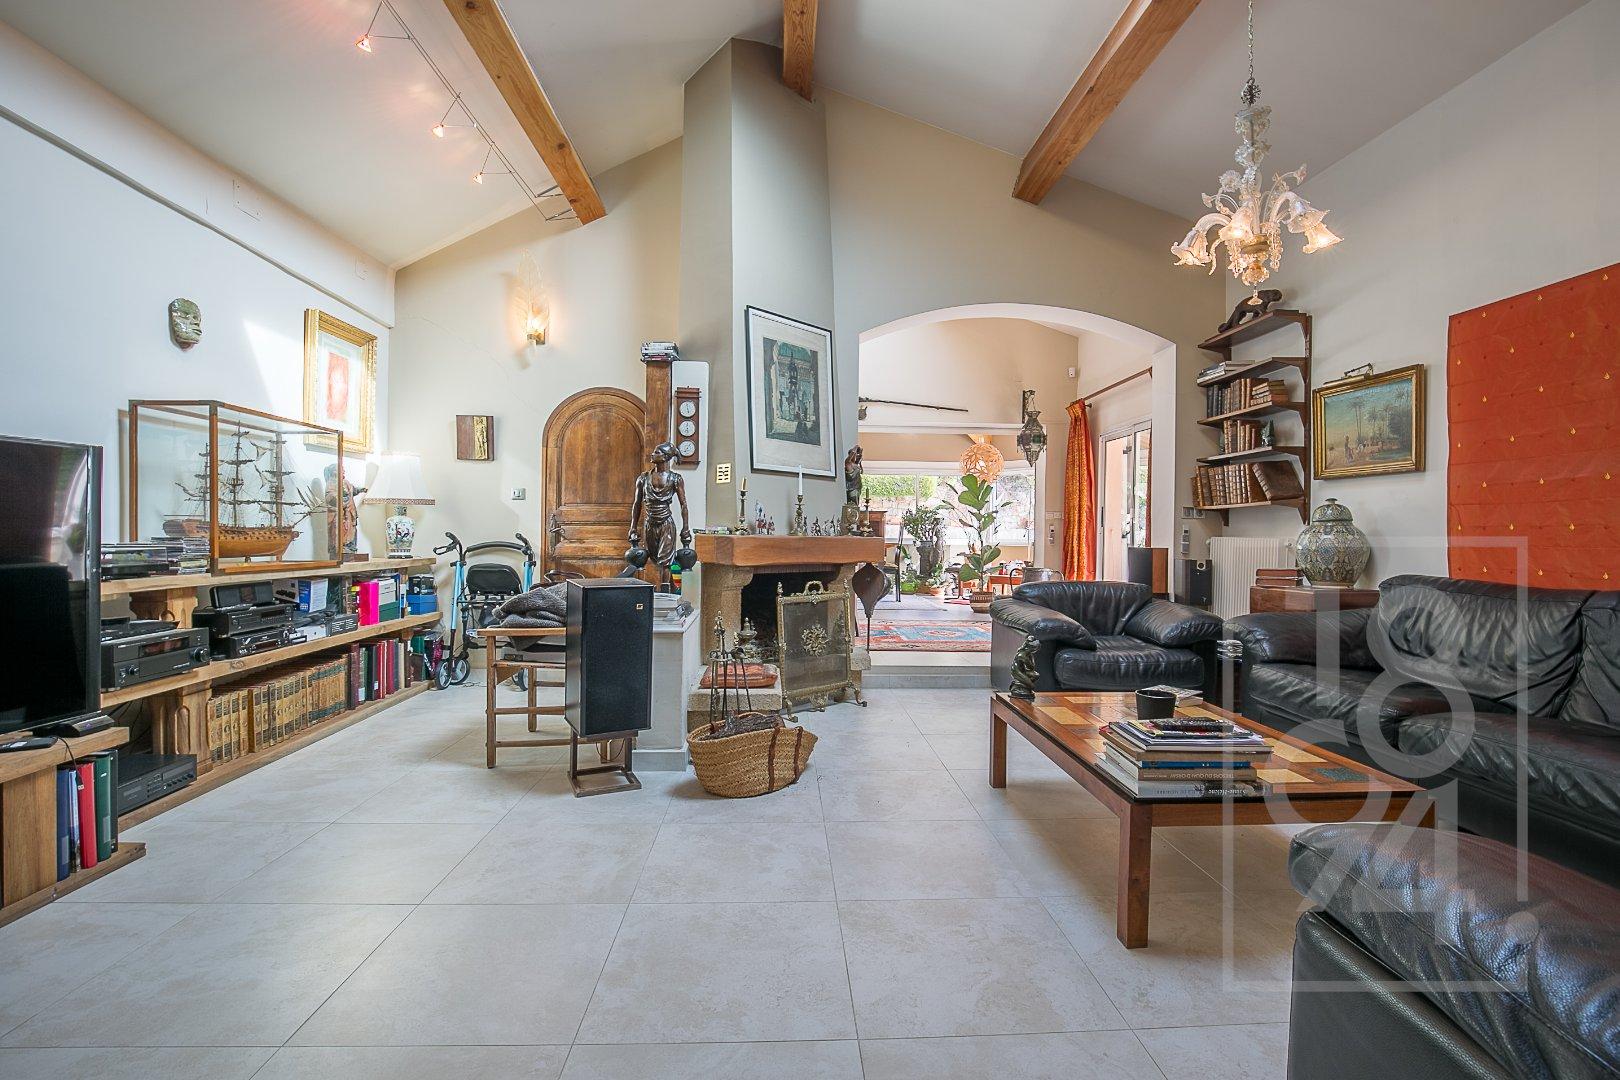 Maison d'env. 246m² sur 1204m² de terrain avec piscine, studio et garage